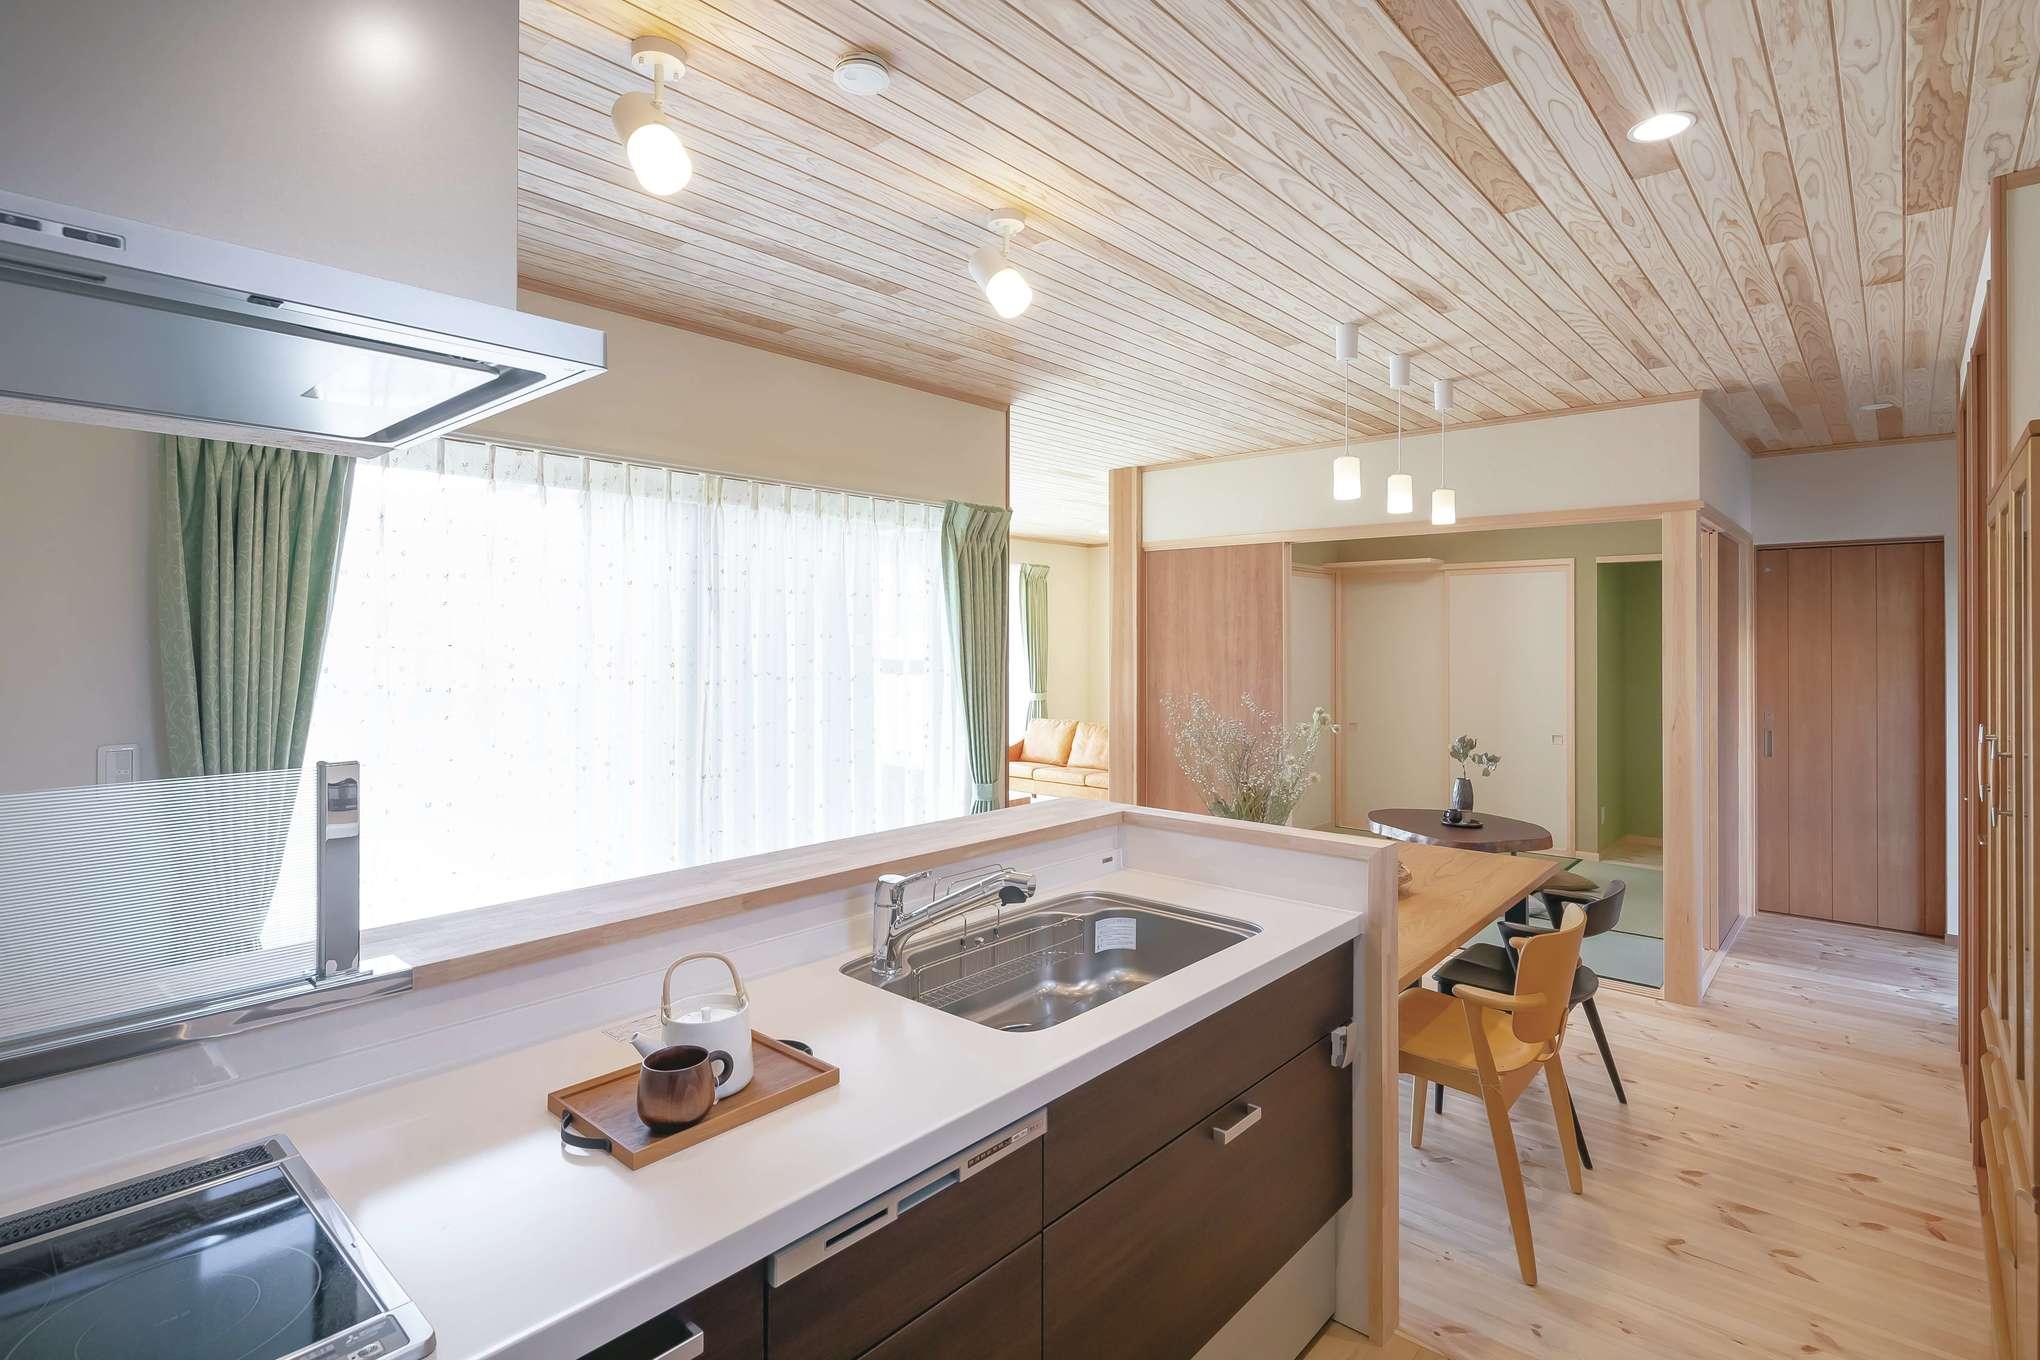 住まいるコーポレーション【デザイン住宅、和風、自然素材】ワークスペースを広々と確保した機能的な対面キッチンはテーブルを一列に配置。正面に窓があるので、庭を眺めながらいつも気持ちよく料理ができそう